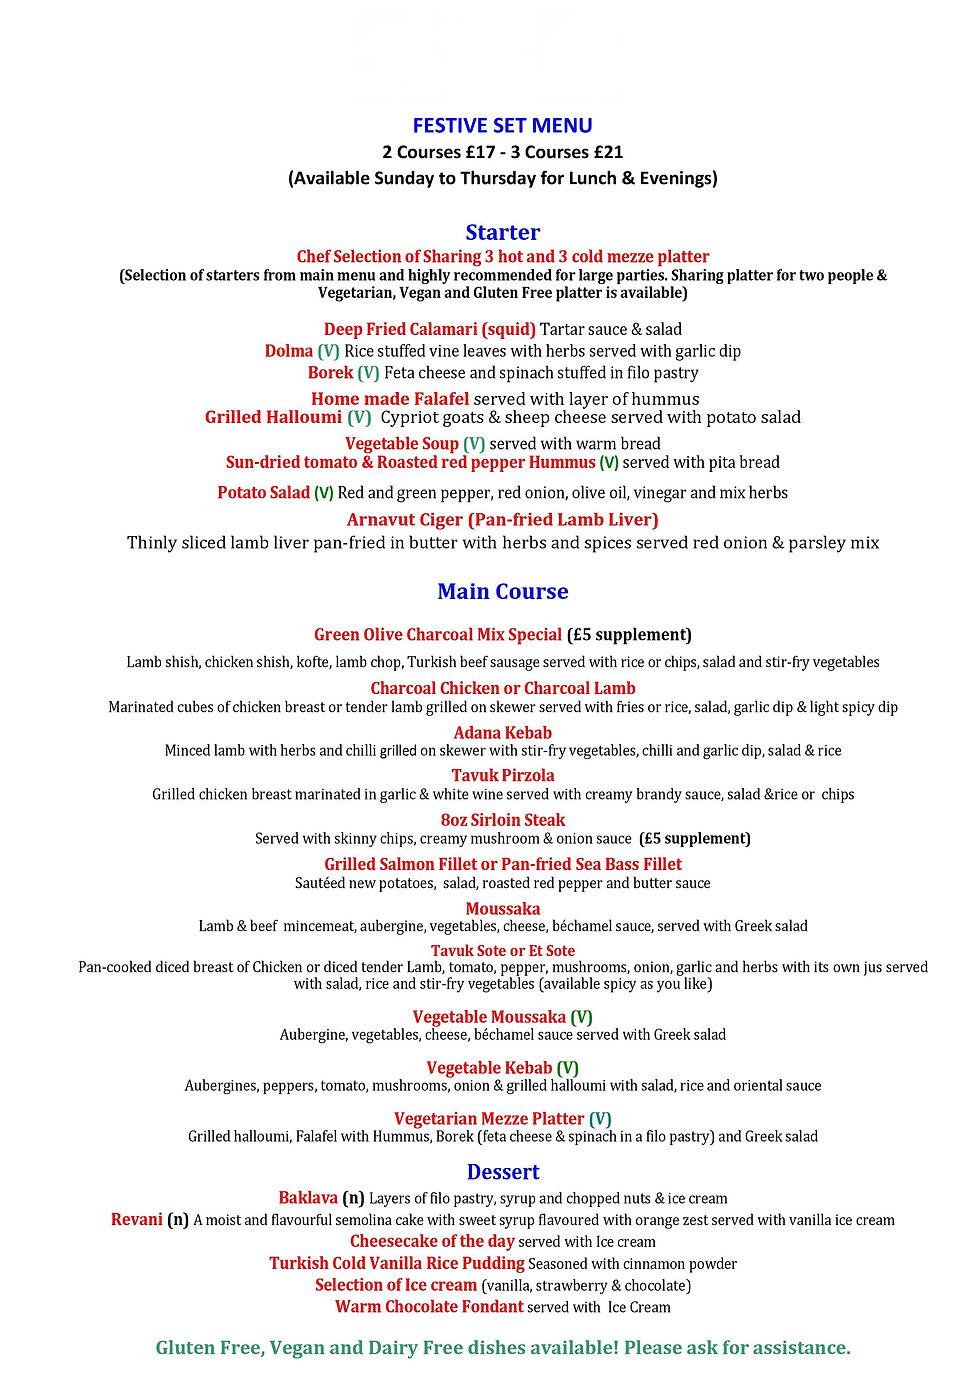 Festive Set Menu Sunday-Thursday-page-00